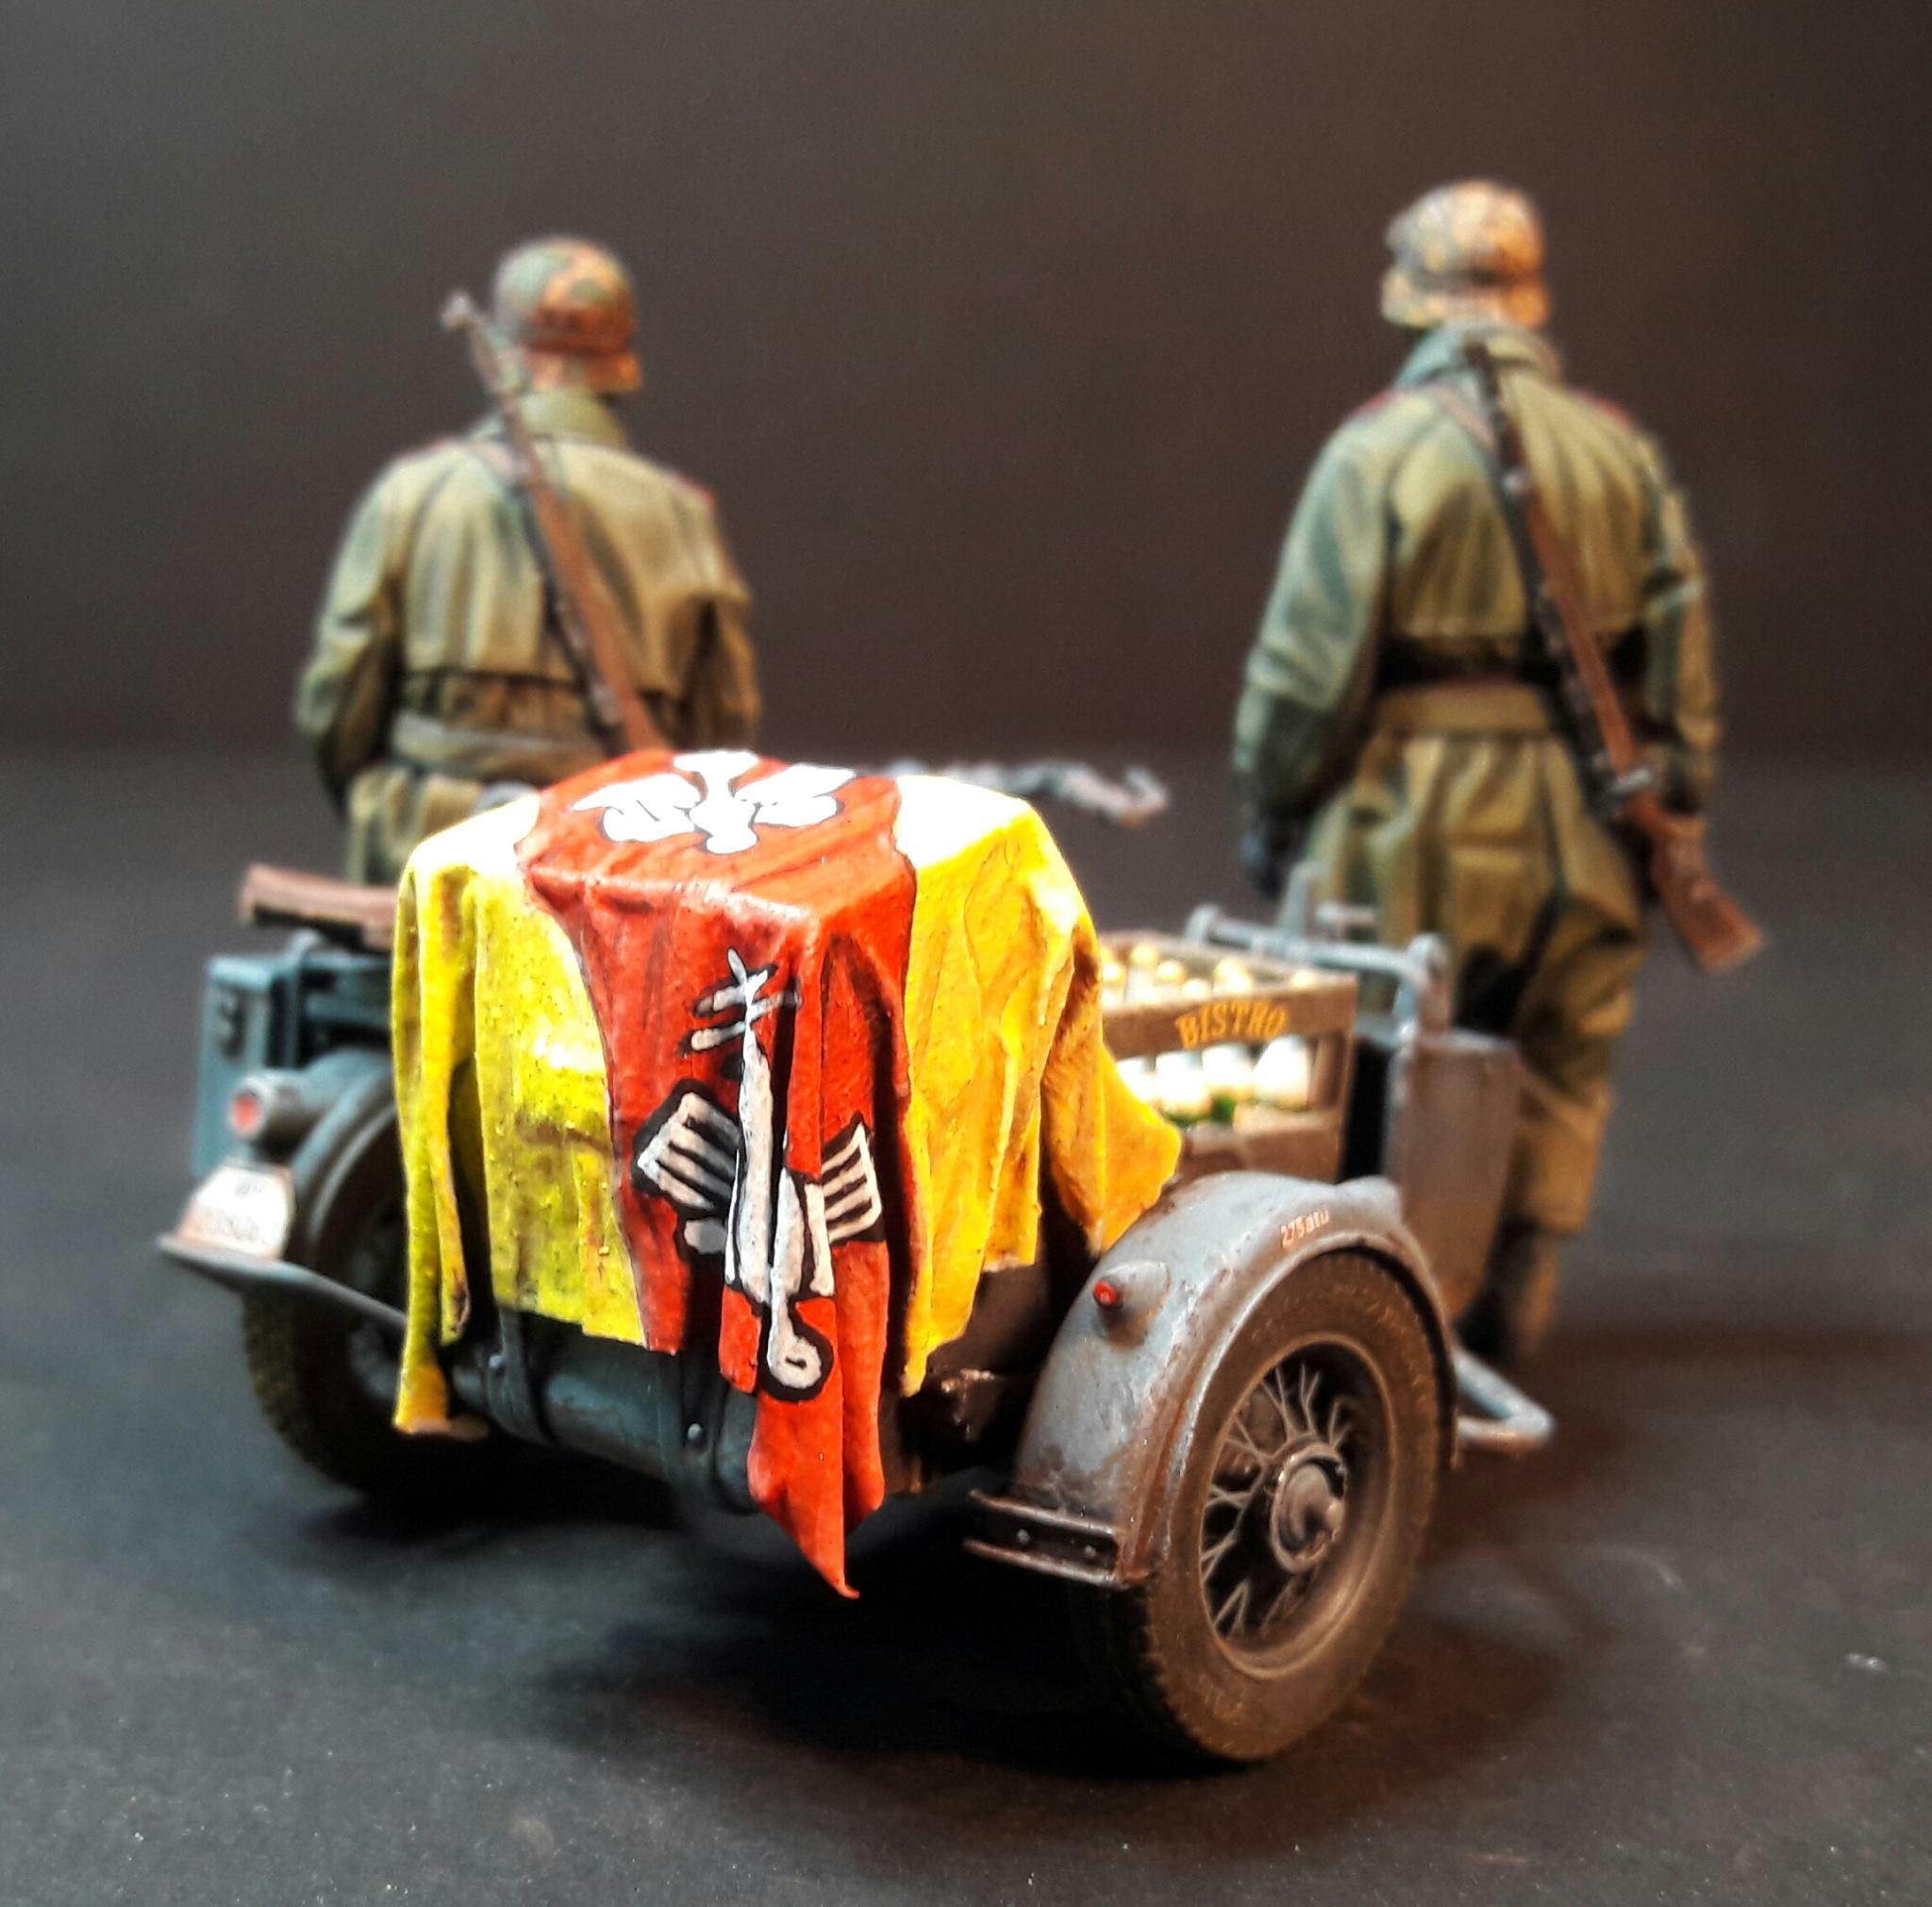 Zündapp KS750 - Sidecar - Great Wall Hobby + figurines Alpine - 1/35 - Page 5 1797432004889410211786806560161352620900o